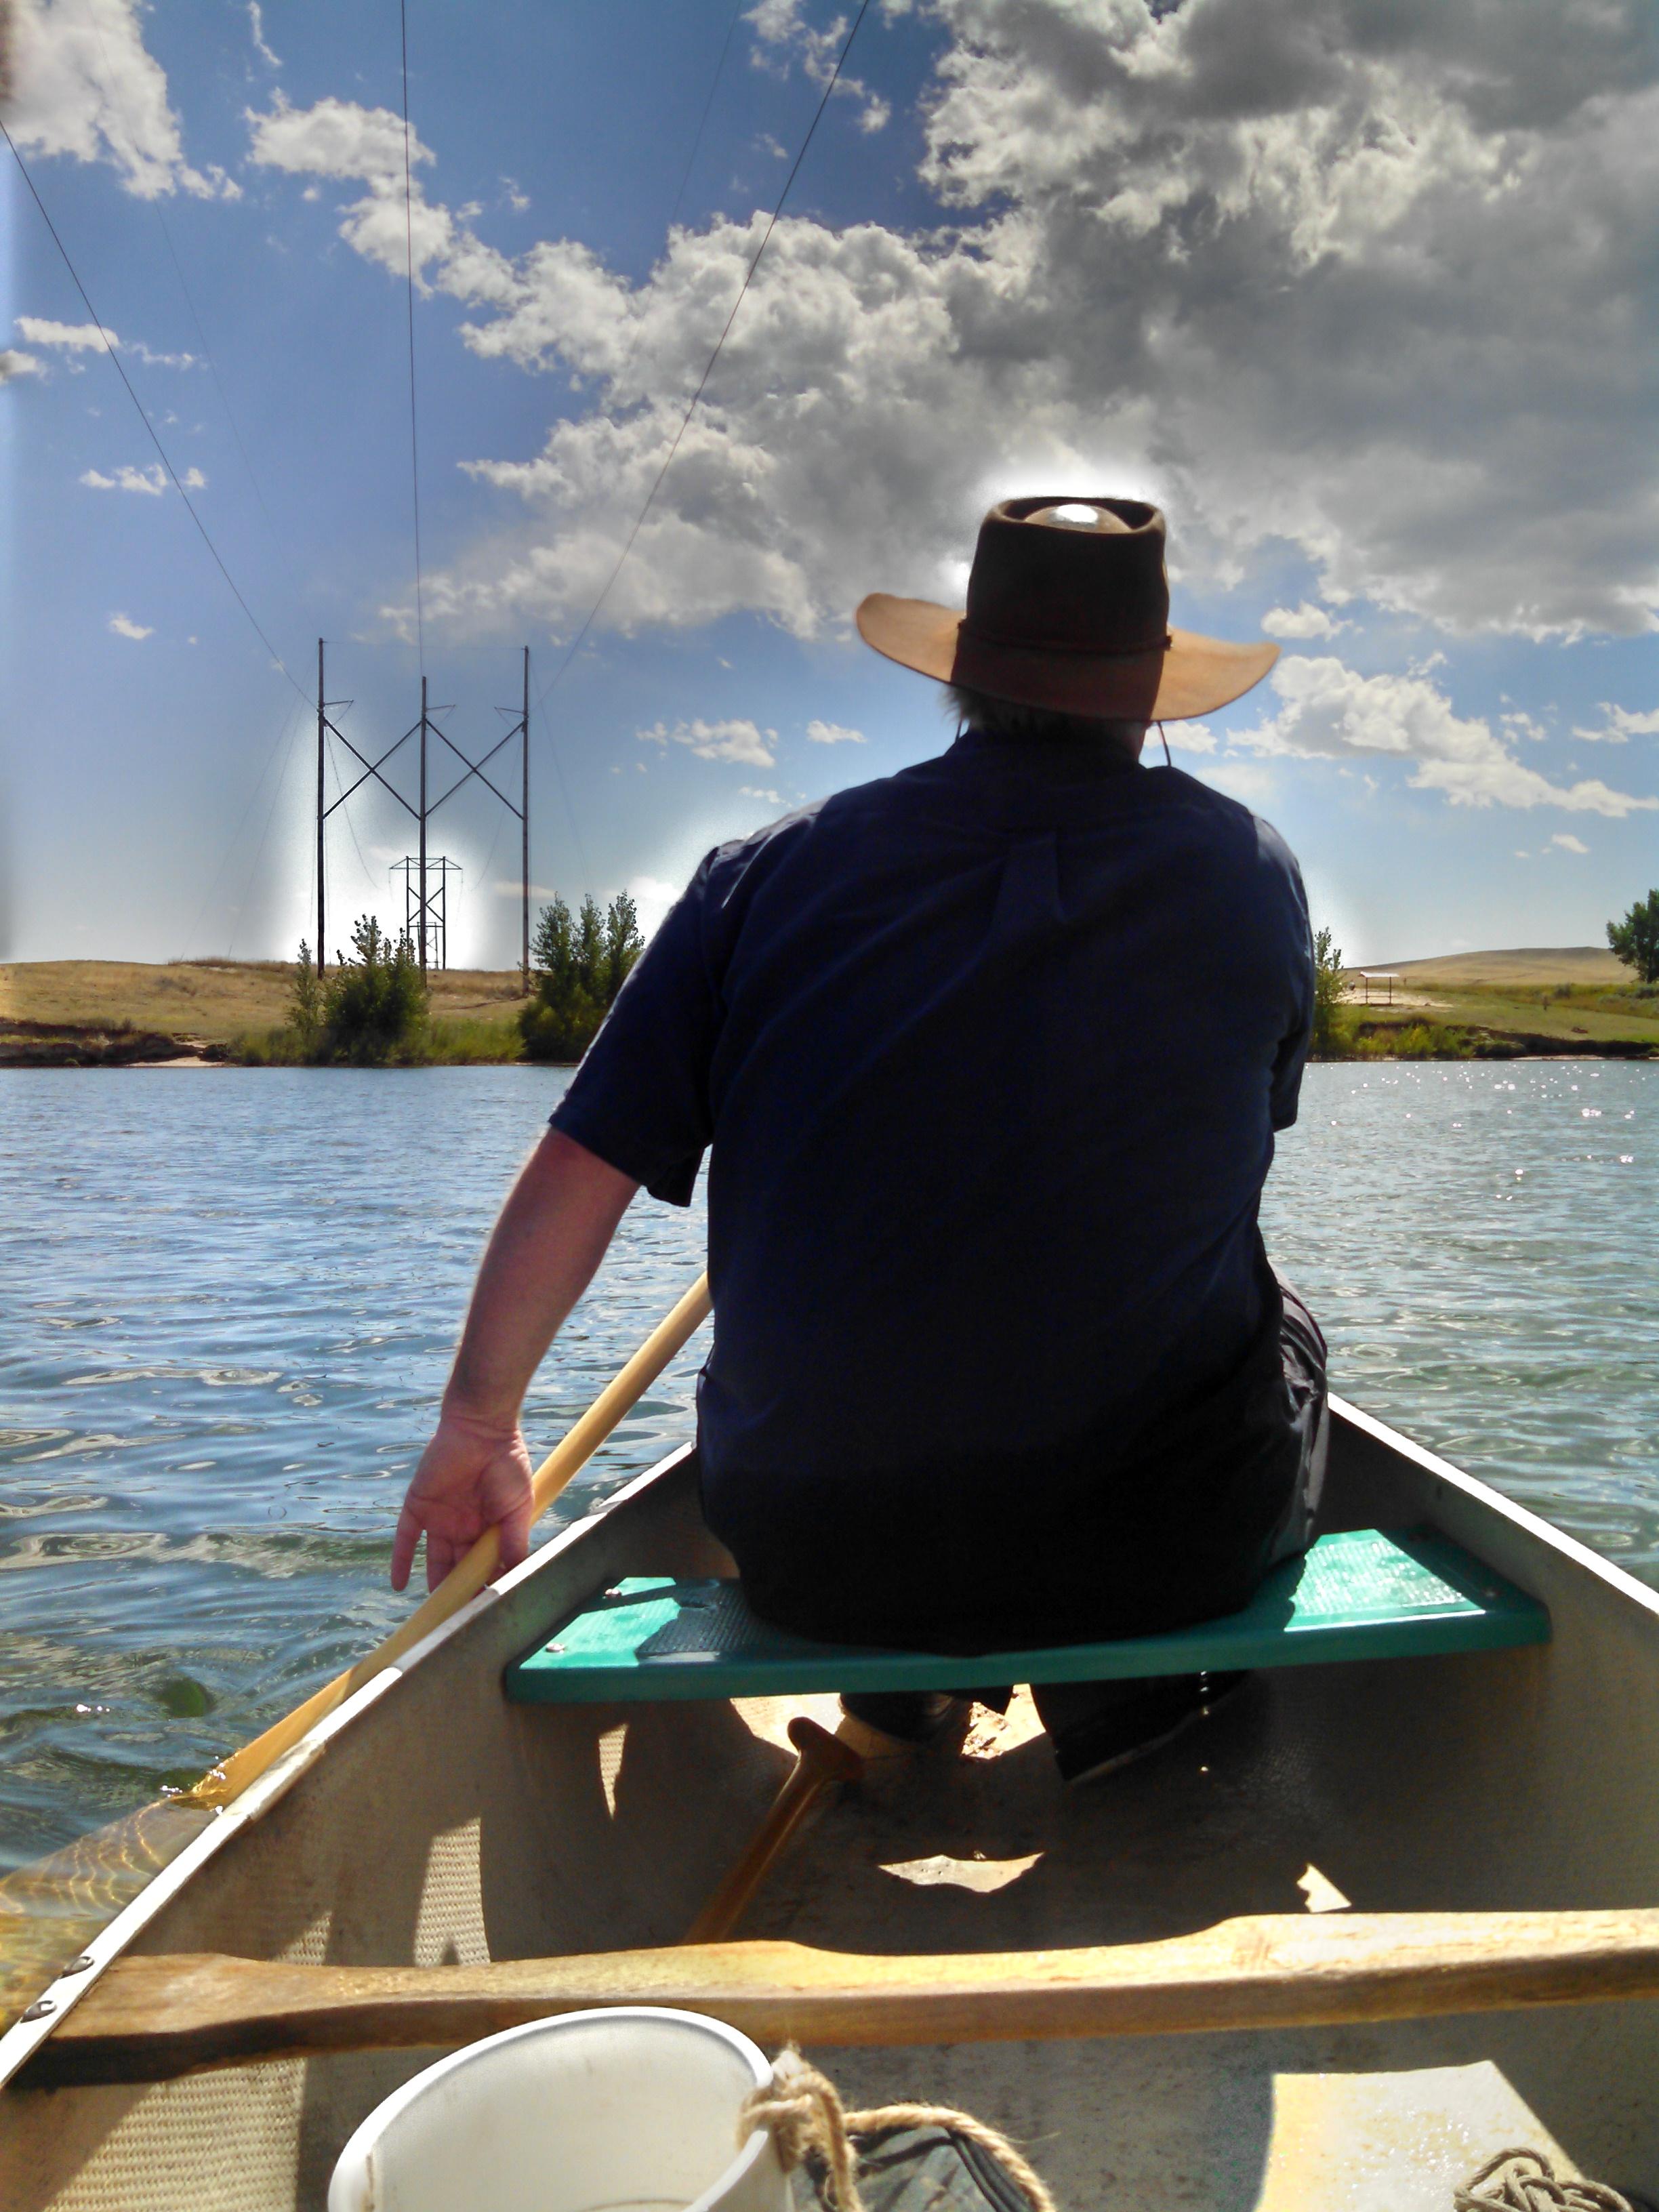 Canoeing on Lake DeSmet